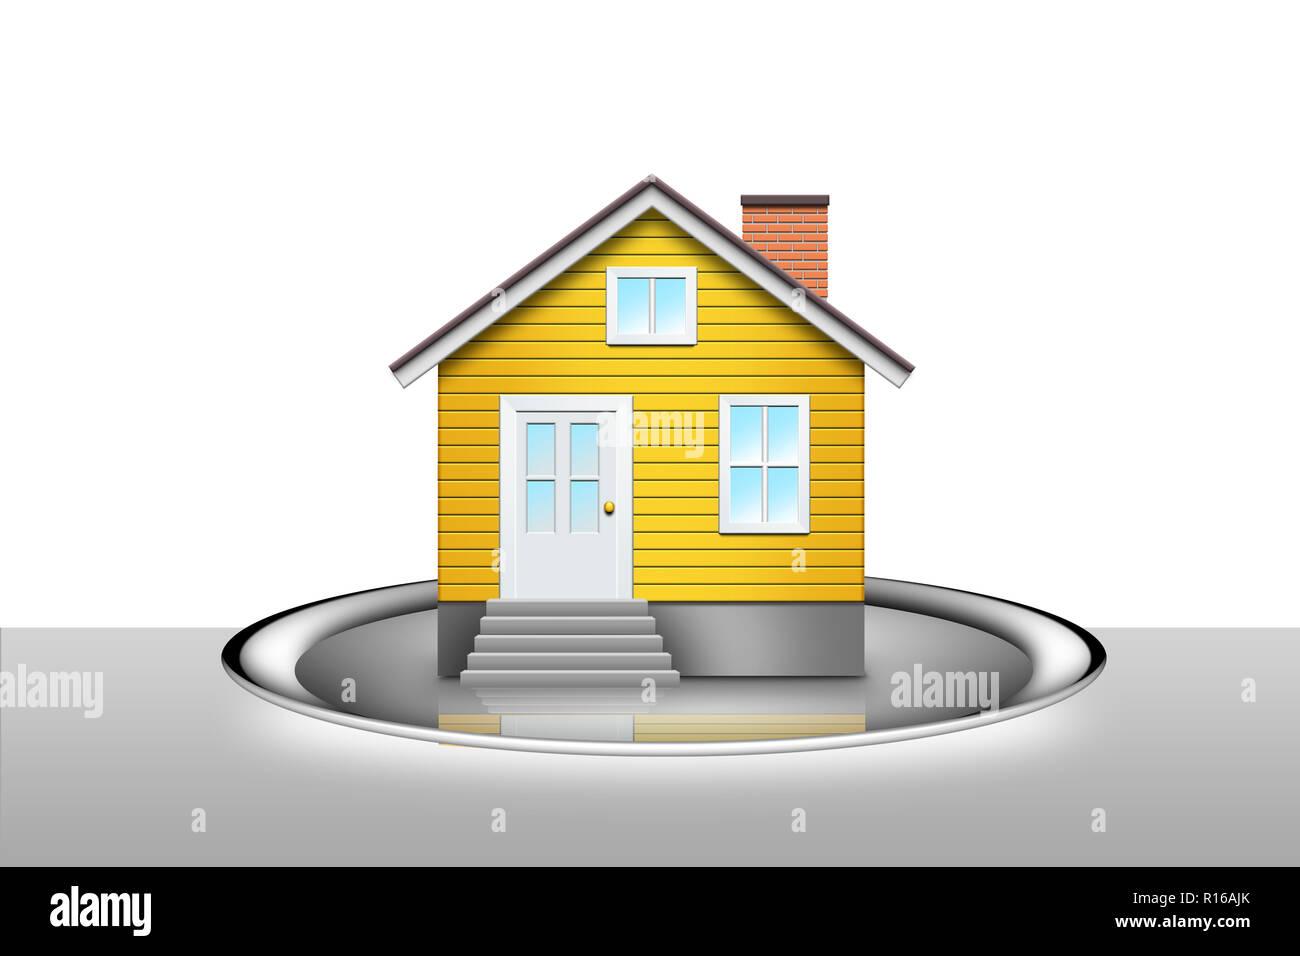 """Digitales Bild von Haus auf silbertablett - """"Hand auf einem Silbertablett"""" Stockbild"""